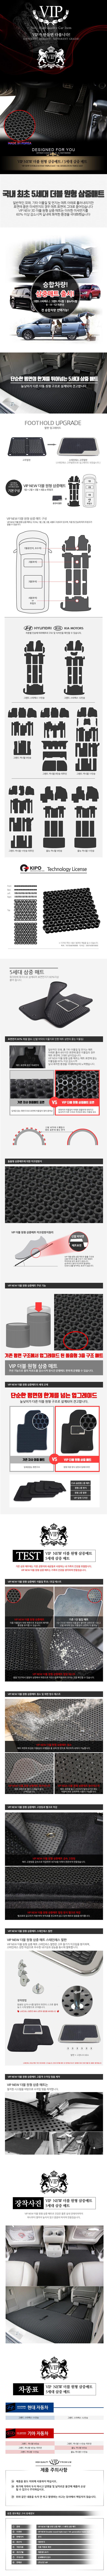 VIP 3D더블원형 입체3중 카매트 승합차용